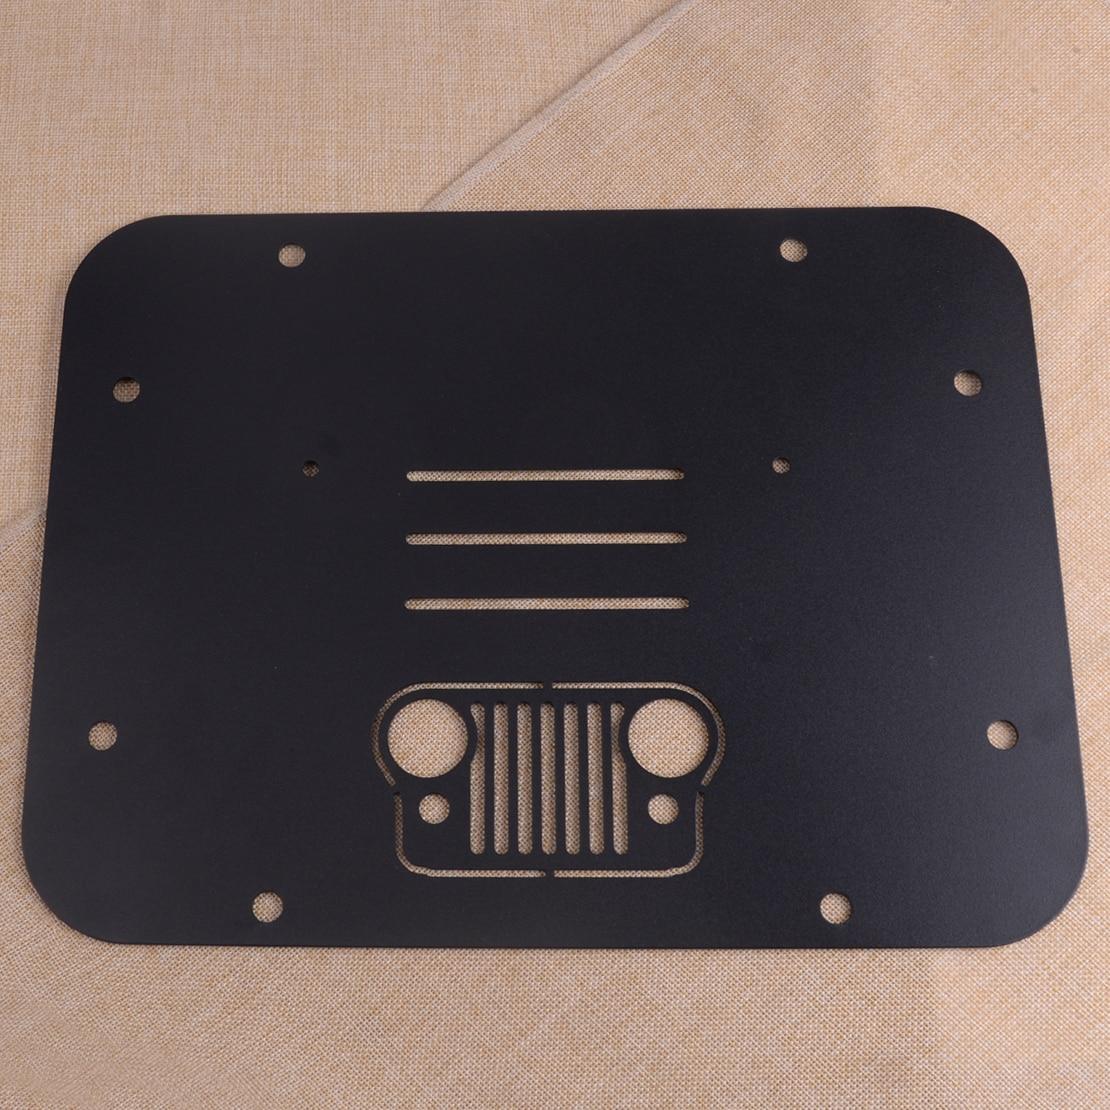 DWCX support de pneu de rechange supprimer plaque de remplissage tampon de Tramp pour Jeep Wrangler JK JKU 2007-2018